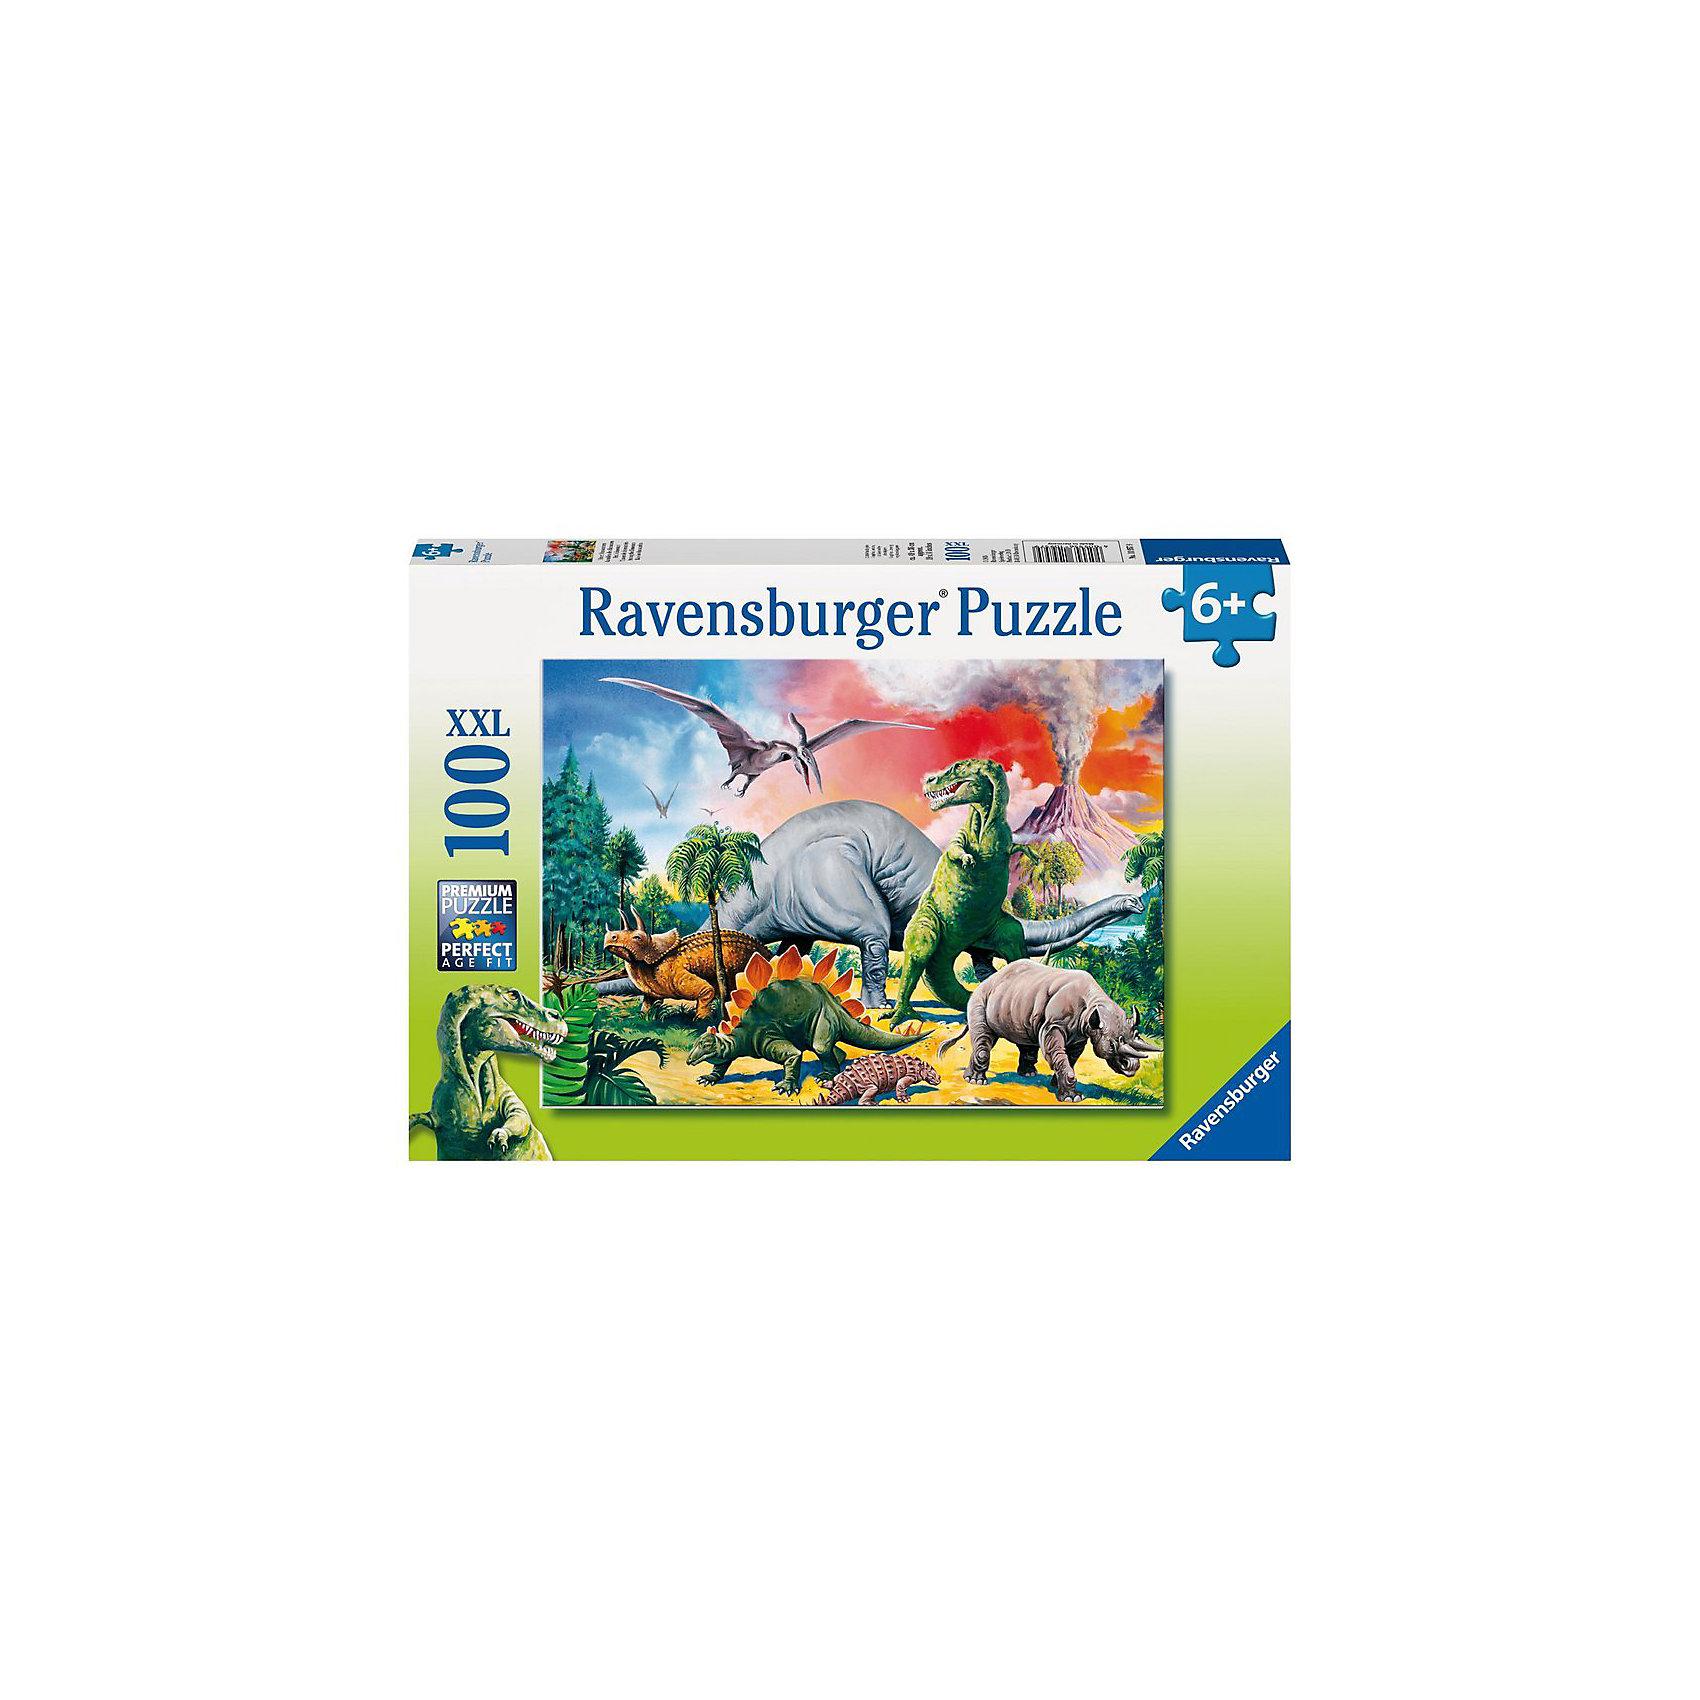 Пазл «Среди динозавров» XXL 100 деталей, RavensburgerПазл «Среди динозавров» XXL 100 деталей, Ravensburger (Равенсбургер) сможет рассказать малышу о том времени, когда на Земле жили огромные рептилии. На картинке он увидит несколько различных динозавров, которые бегут от извергающегося вулкана. Красочная картинка привлечет внимание ребенка и отлично подойдет в качестве украшения комнаты, ведь готовое изображение можно повесить на стену. <br><br>Характеристики:<br>-Элементы идеально соединяются друг с другом, не отслаиваются с течением времени<br>-Высочайшее качество картона и полиграфии <br>-Матовая поверхность исключает отблески<br>-Развивает: память, мышление, внимательность, усидчивость, мелкая моторика, восприятие форм и цветов<br>-Занимательное времяпрепровождение для всей семьи<br>-Для сохранения в собранном виде можно использовать скотч или специальный клей для пазлов (в комплект не входит)<br><br>Дополнительная информация:<br>-Материал: плотный картон, бумага<br>-Размер собранного пазла: 49х36 см<br>-Размер упаковки: 33х23х3,5 см<br>-Вес упаковки: 500 г<br><br>Для детей собирание пазлов – это интересная и полезная игра, а для взрослых — прекрасная возможность провести время вместе со своими детьми!<br><br>Пазл «Среди динозавров» XXL 100 деталей, Ravensburger (Равенсбургер) можно купить в нашем магазине.<br><br>Ширина мм: 338<br>Глубина мм: 230<br>Высота мм: 39<br>Вес г: 519<br>Возраст от месяцев: 72<br>Возраст до месяцев: 96<br>Пол: Унисекс<br>Возраст: Детский<br>Количество деталей: 100<br>SKU: 1504317